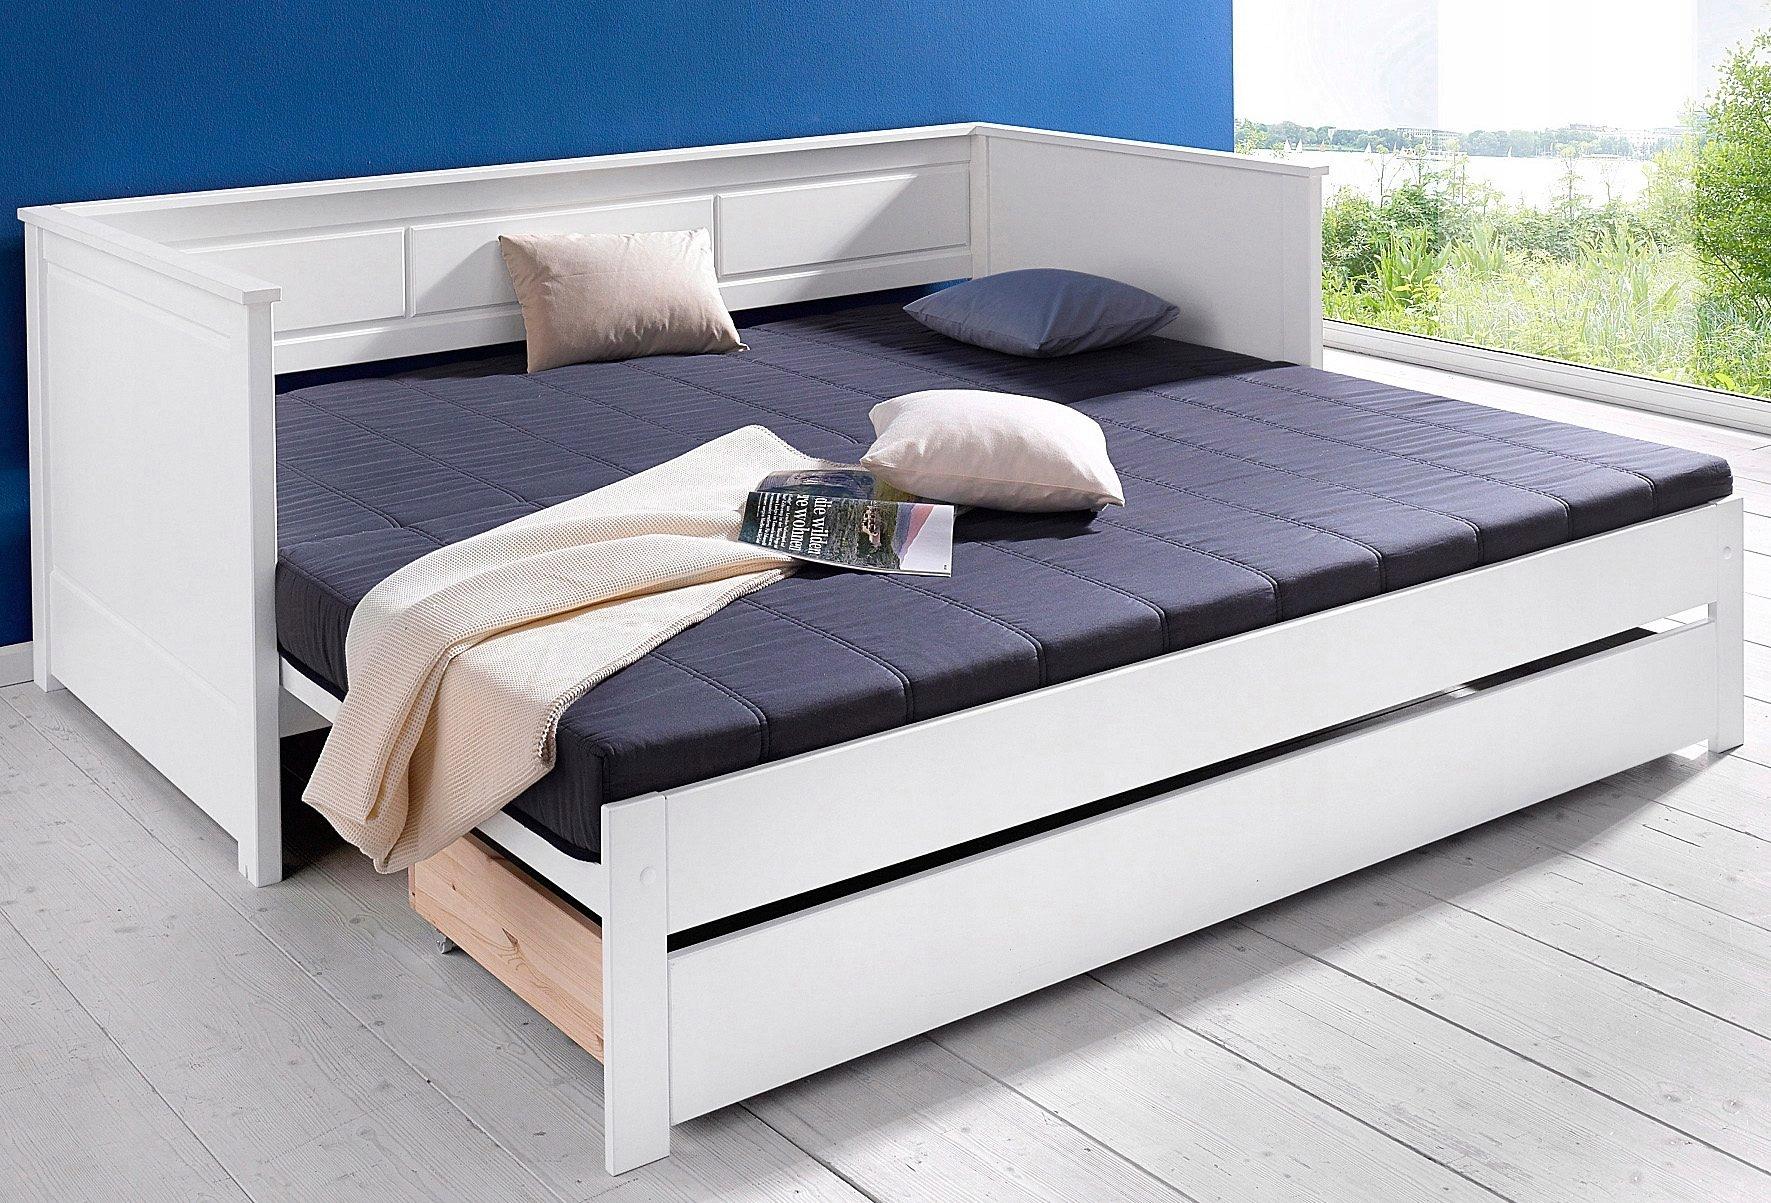 Praktyczne Rozkładane łóżko Także Dla 2 Osób 7664670649